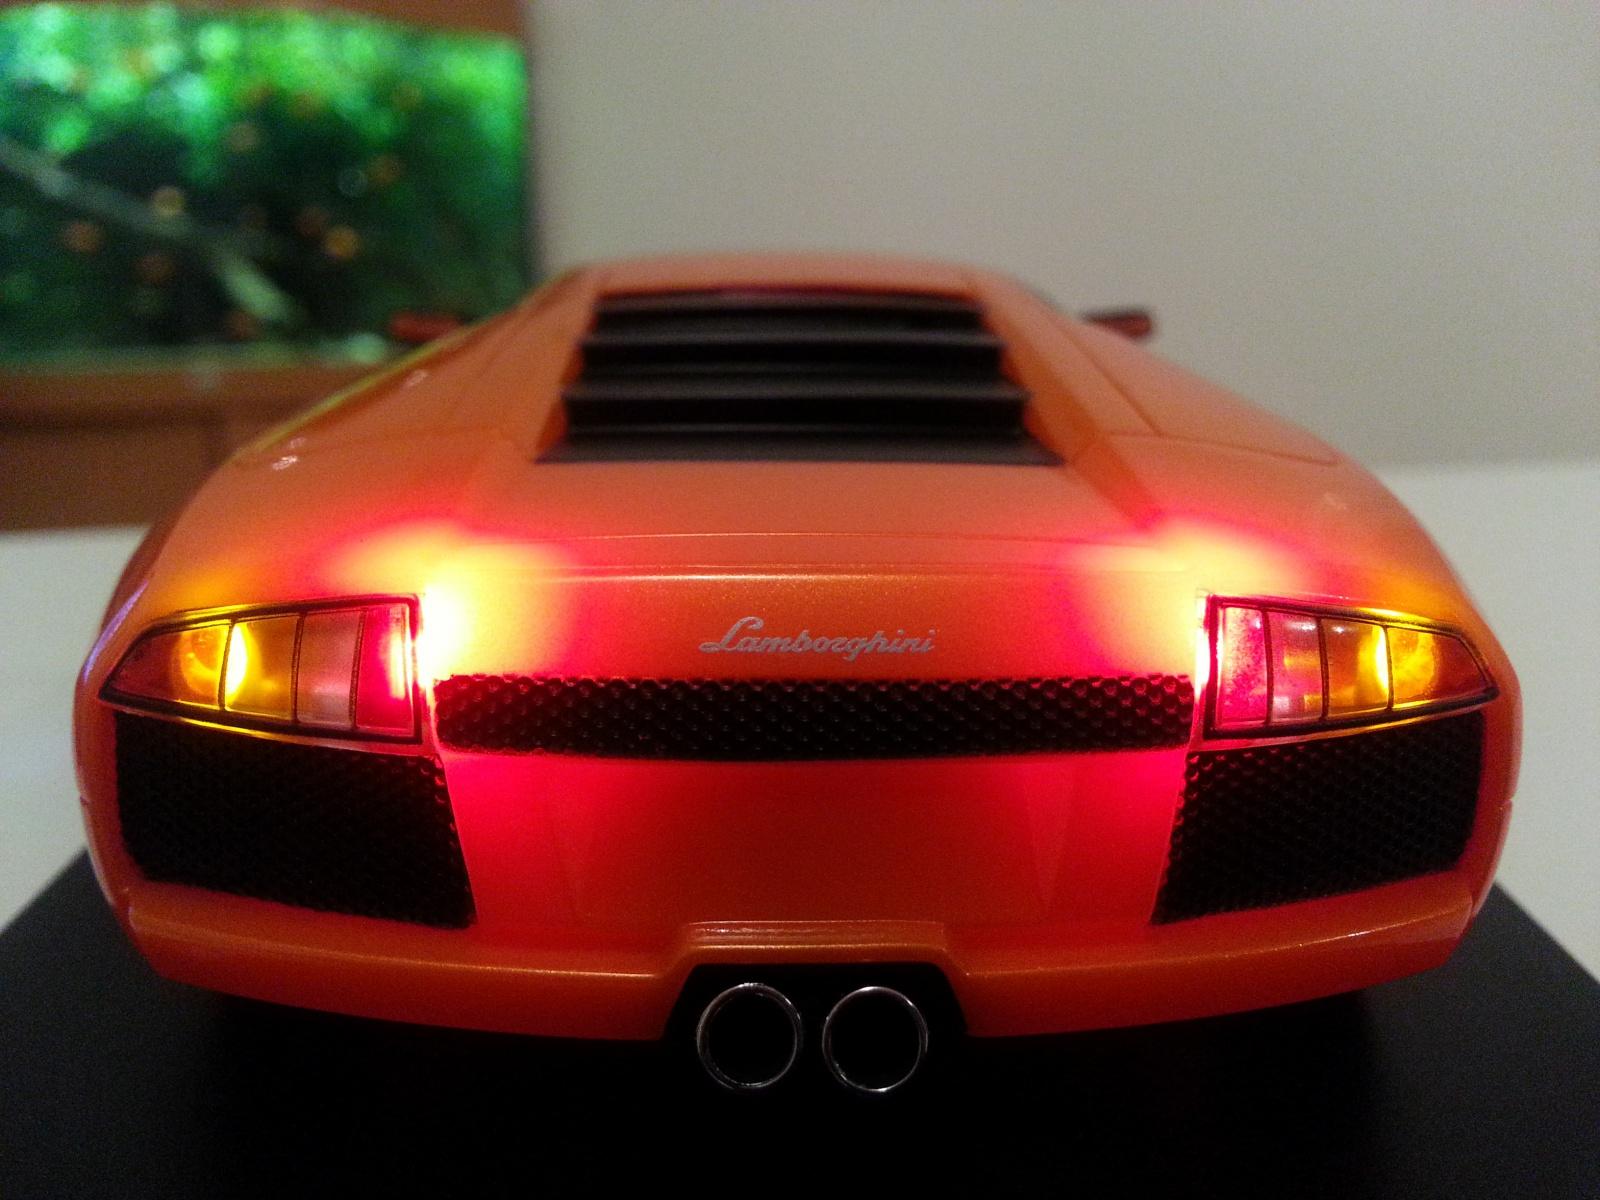 Kit lumières Atomic sur quelle carrosserie? 35188620130316200033